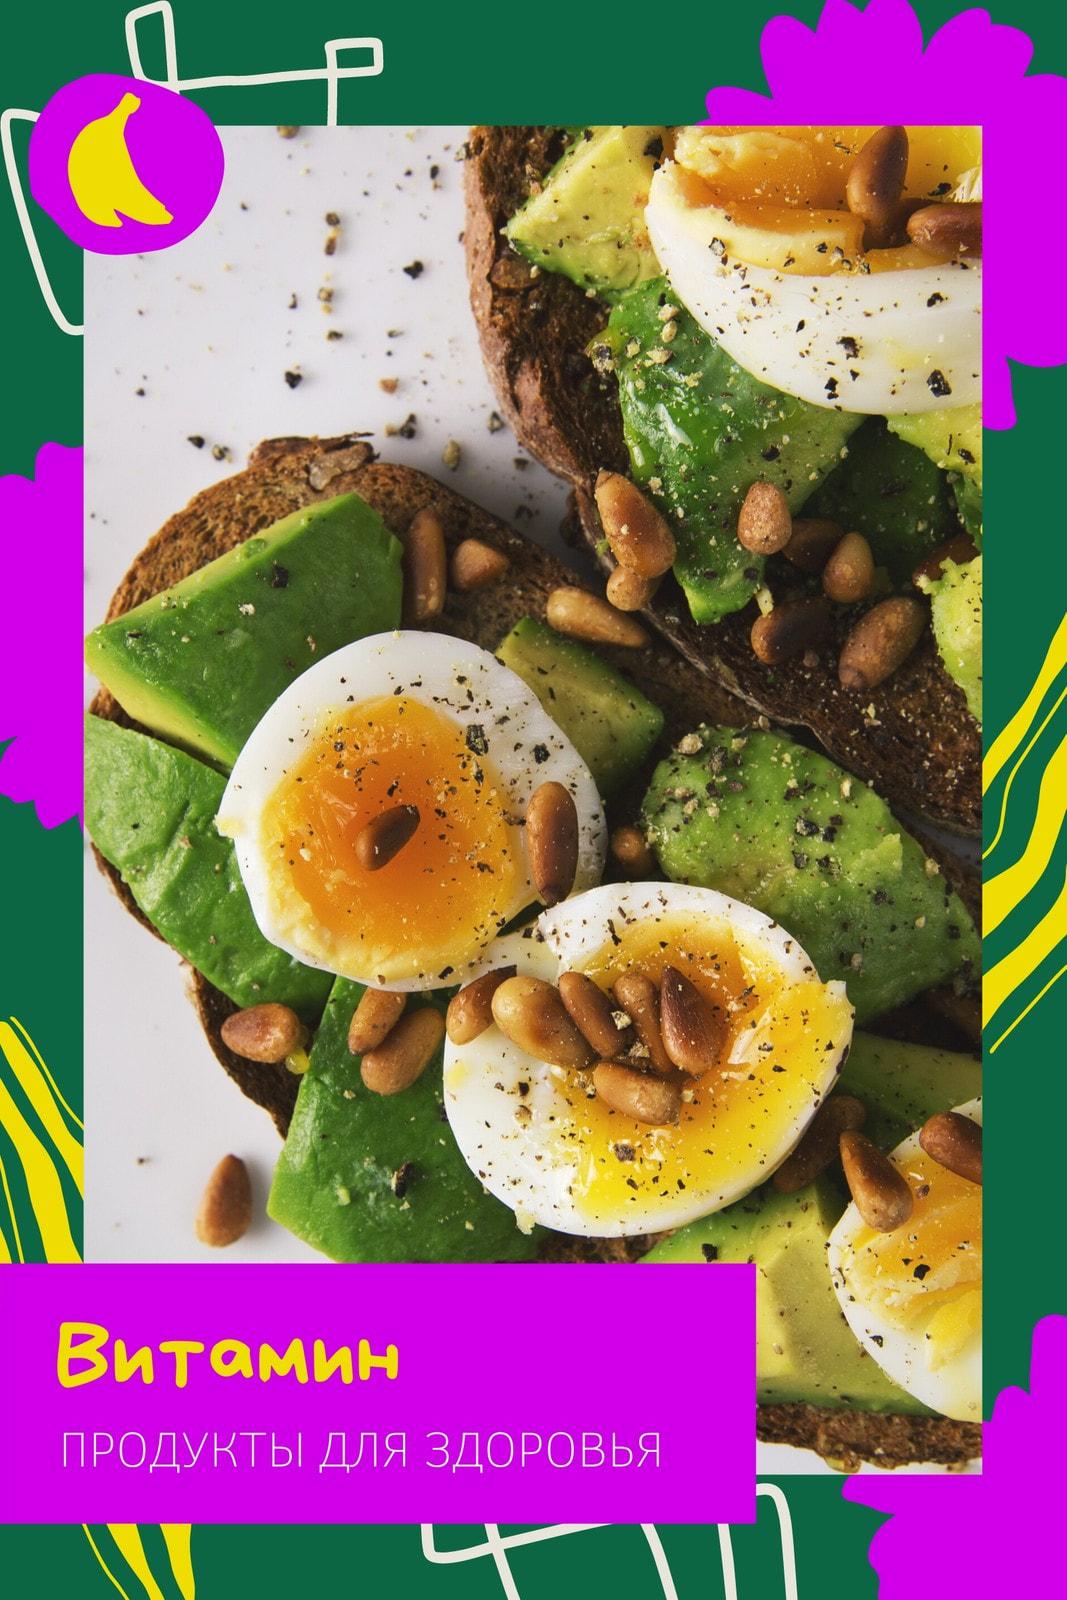 Зеленое и фиолетовое изображение профиля ВК с фотографией здоровой еды